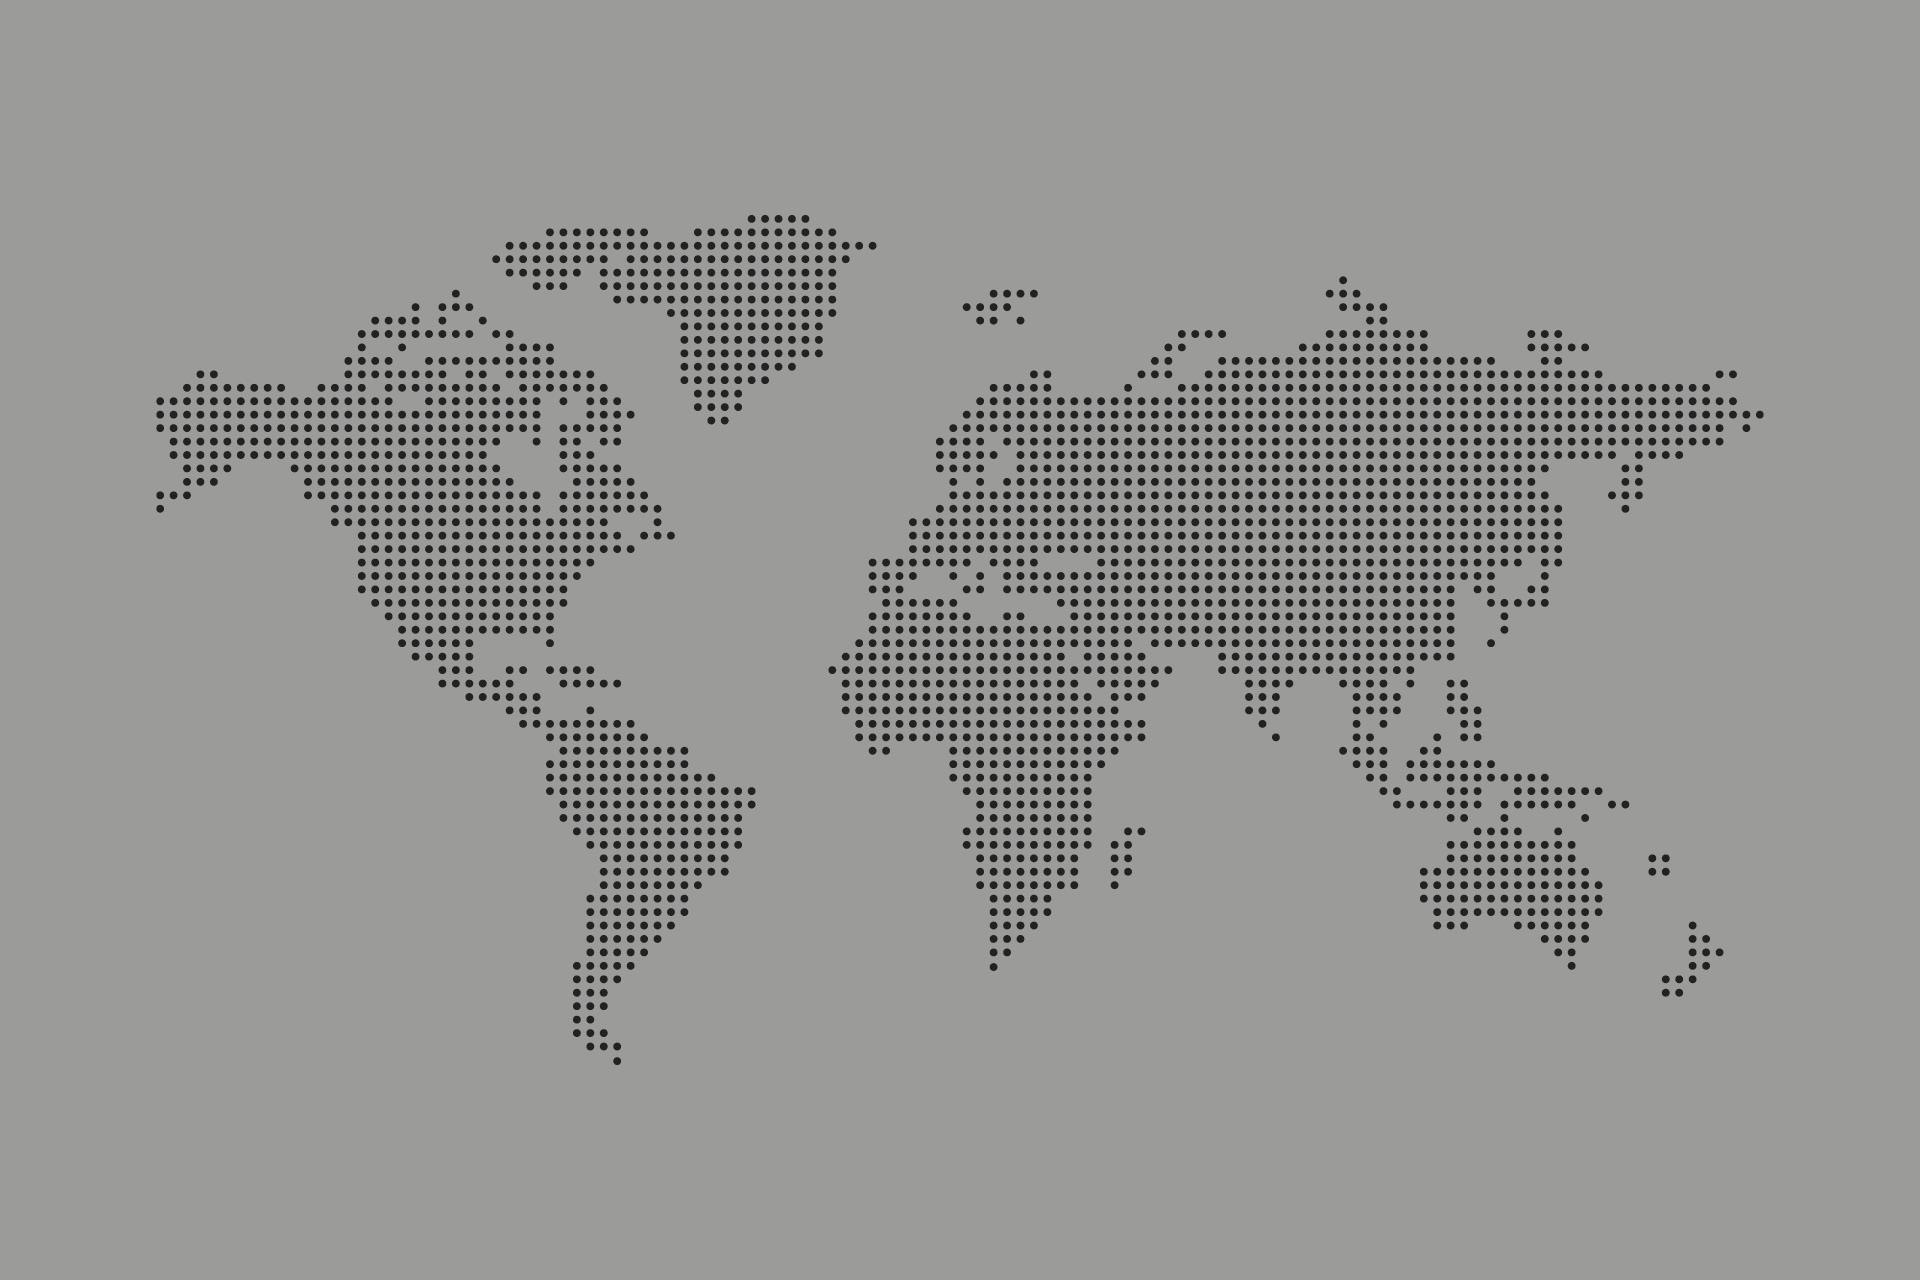 Tischlerei-Decker-Neuigkeiten-Aufträge-Weltweit-International